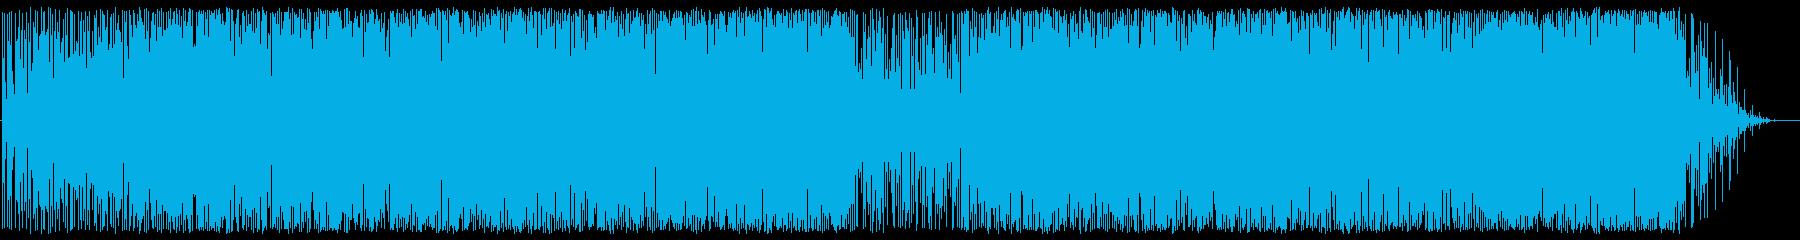 哀愁とムーディーなアコギとピアノBGMの再生済みの波形